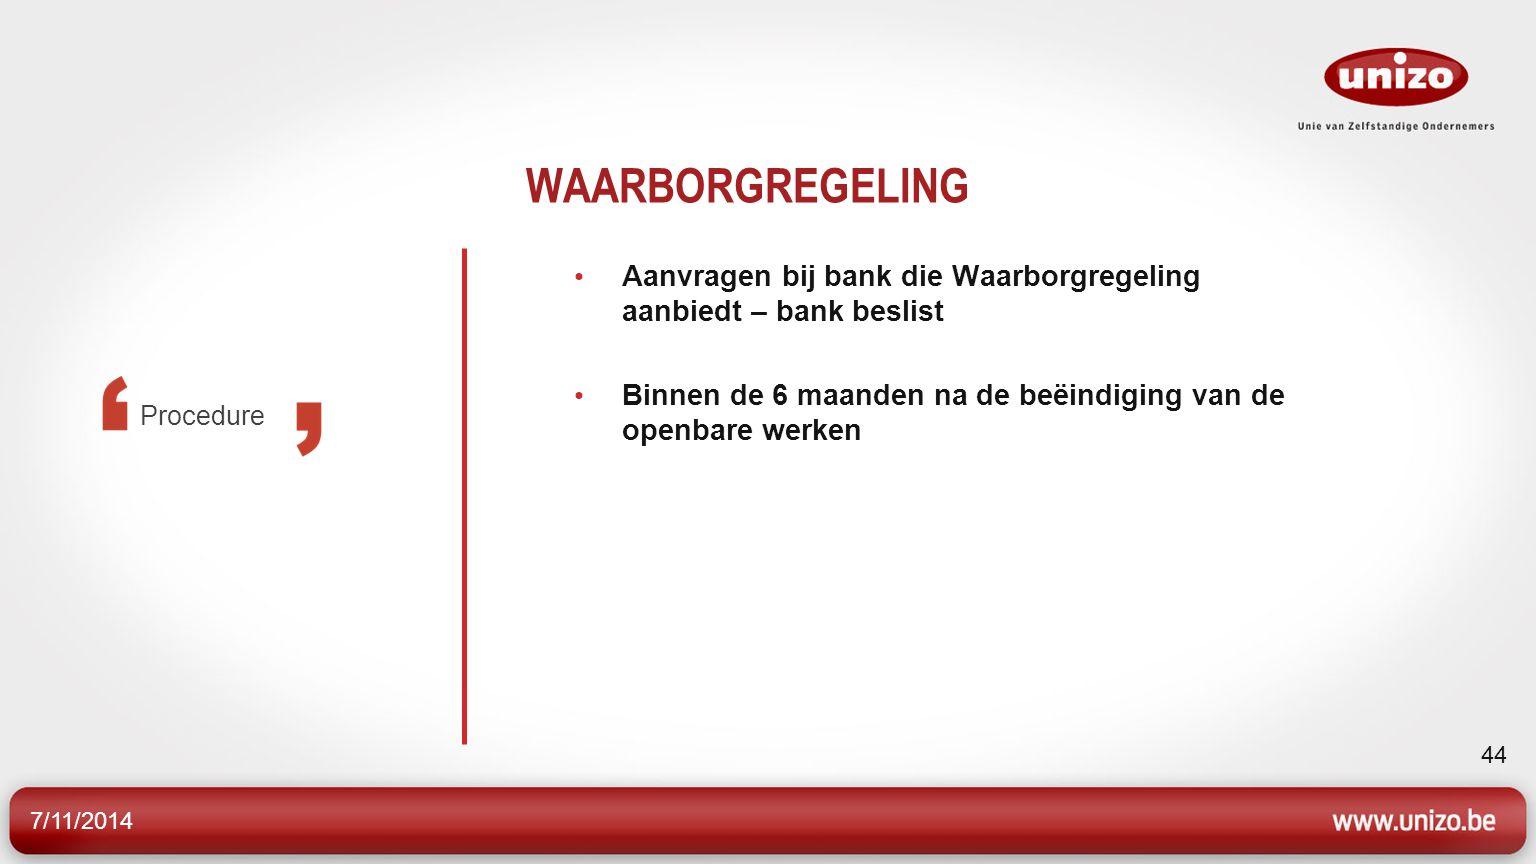 WAARBORGREGELING Aanvragen bij bank die Waarborgregeling aanbiedt – bank beslist. Binnen de 6 maanden na de beëindiging van de openbare werken.